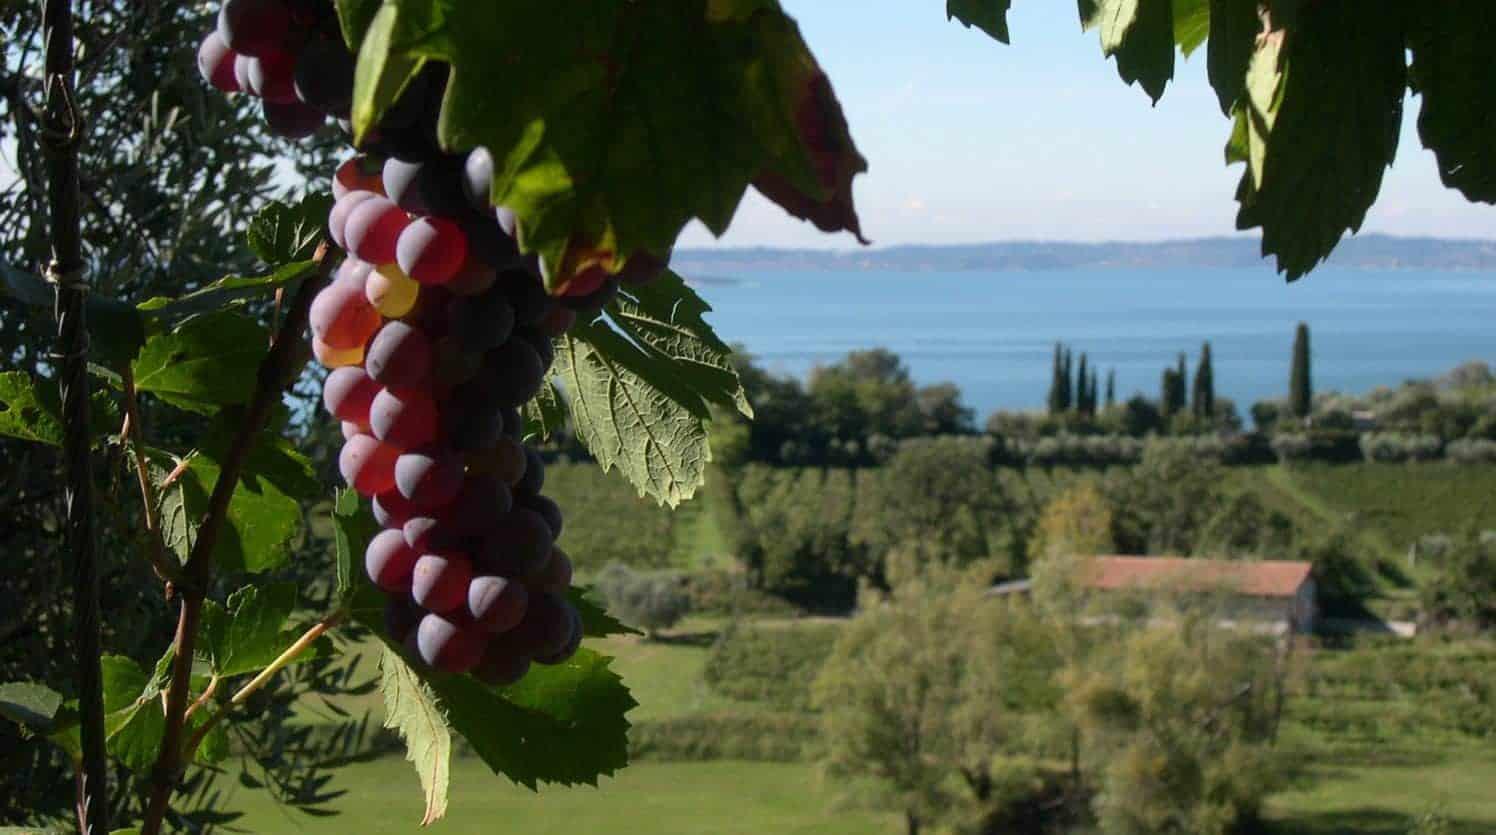 Cicloturismo Strada del Vino Bardolino - panorama dei vigneti di Bardolino sul Lago di Garda